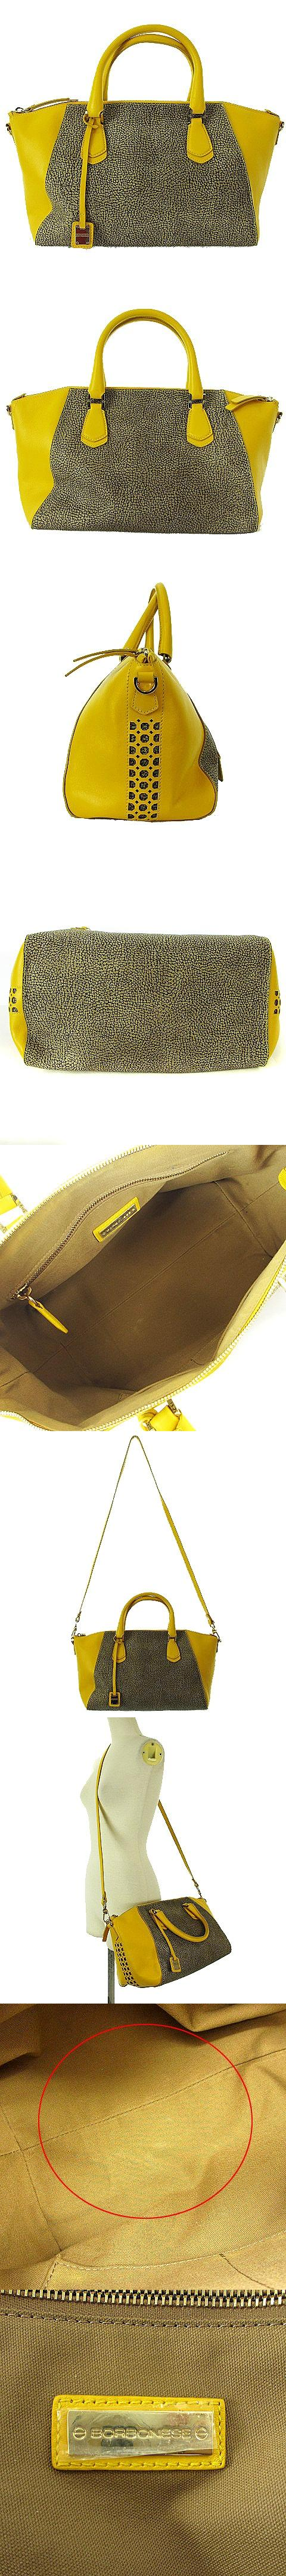 2WAY ハンド バッグ ショルダー うずら柄 レザー PVC 切替 イエロー ブラウン 黄 茶 かばん カバン 鞄